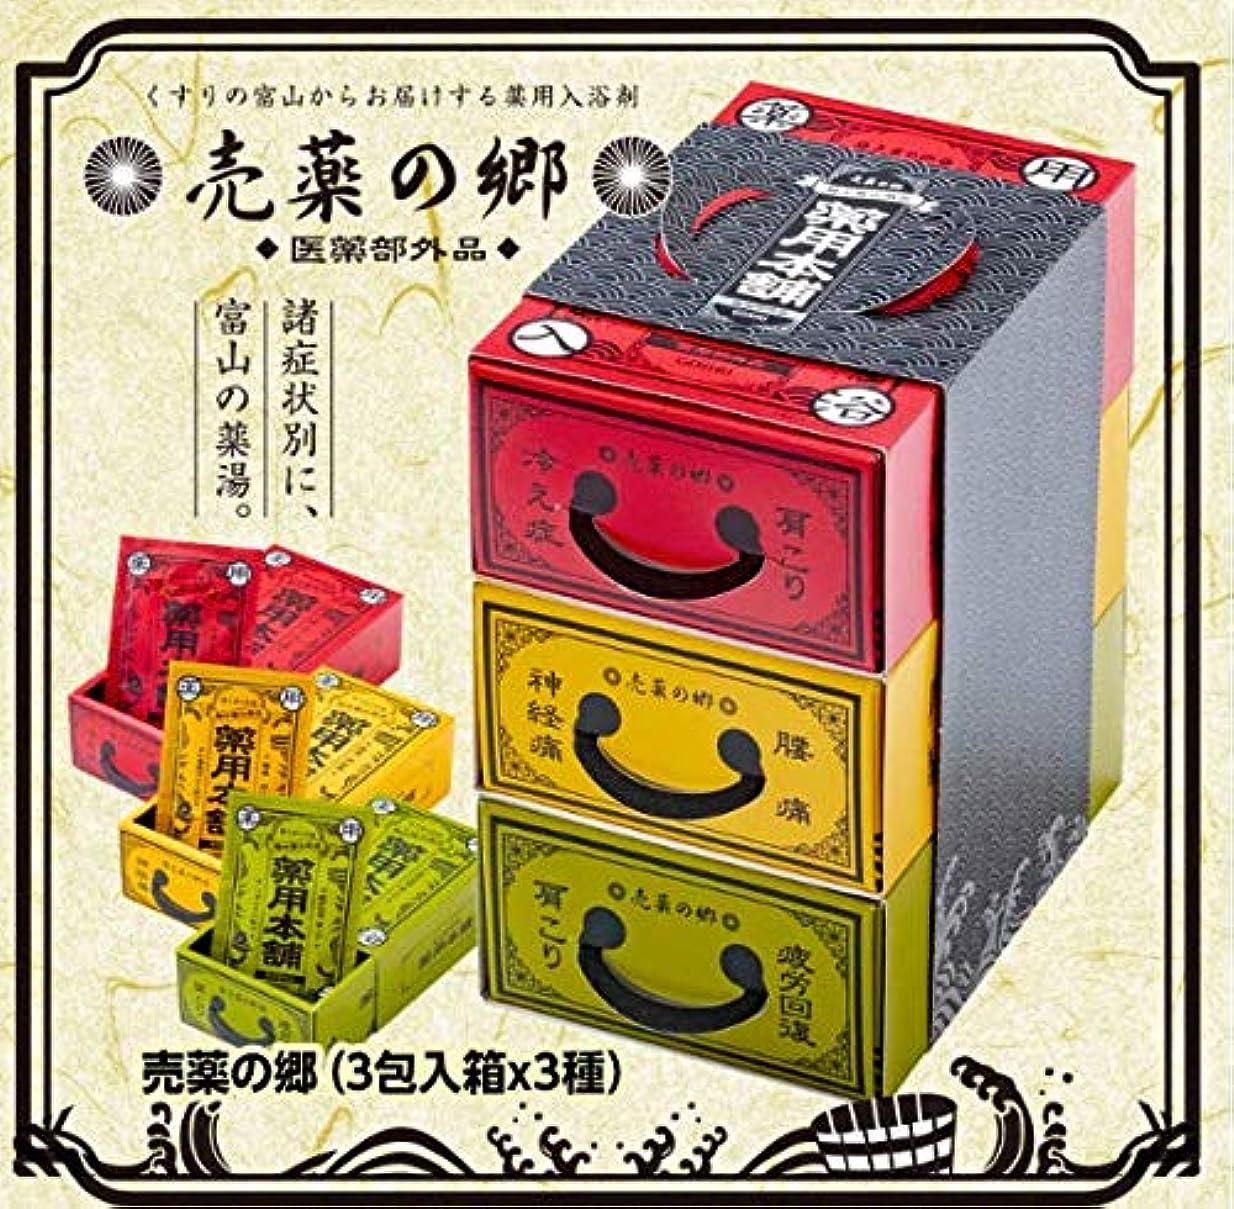 腸エキゾチック真っ逆さま薬の富山の薬用入浴剤 売薬の郷 薬用本舗3箱セット 10セット